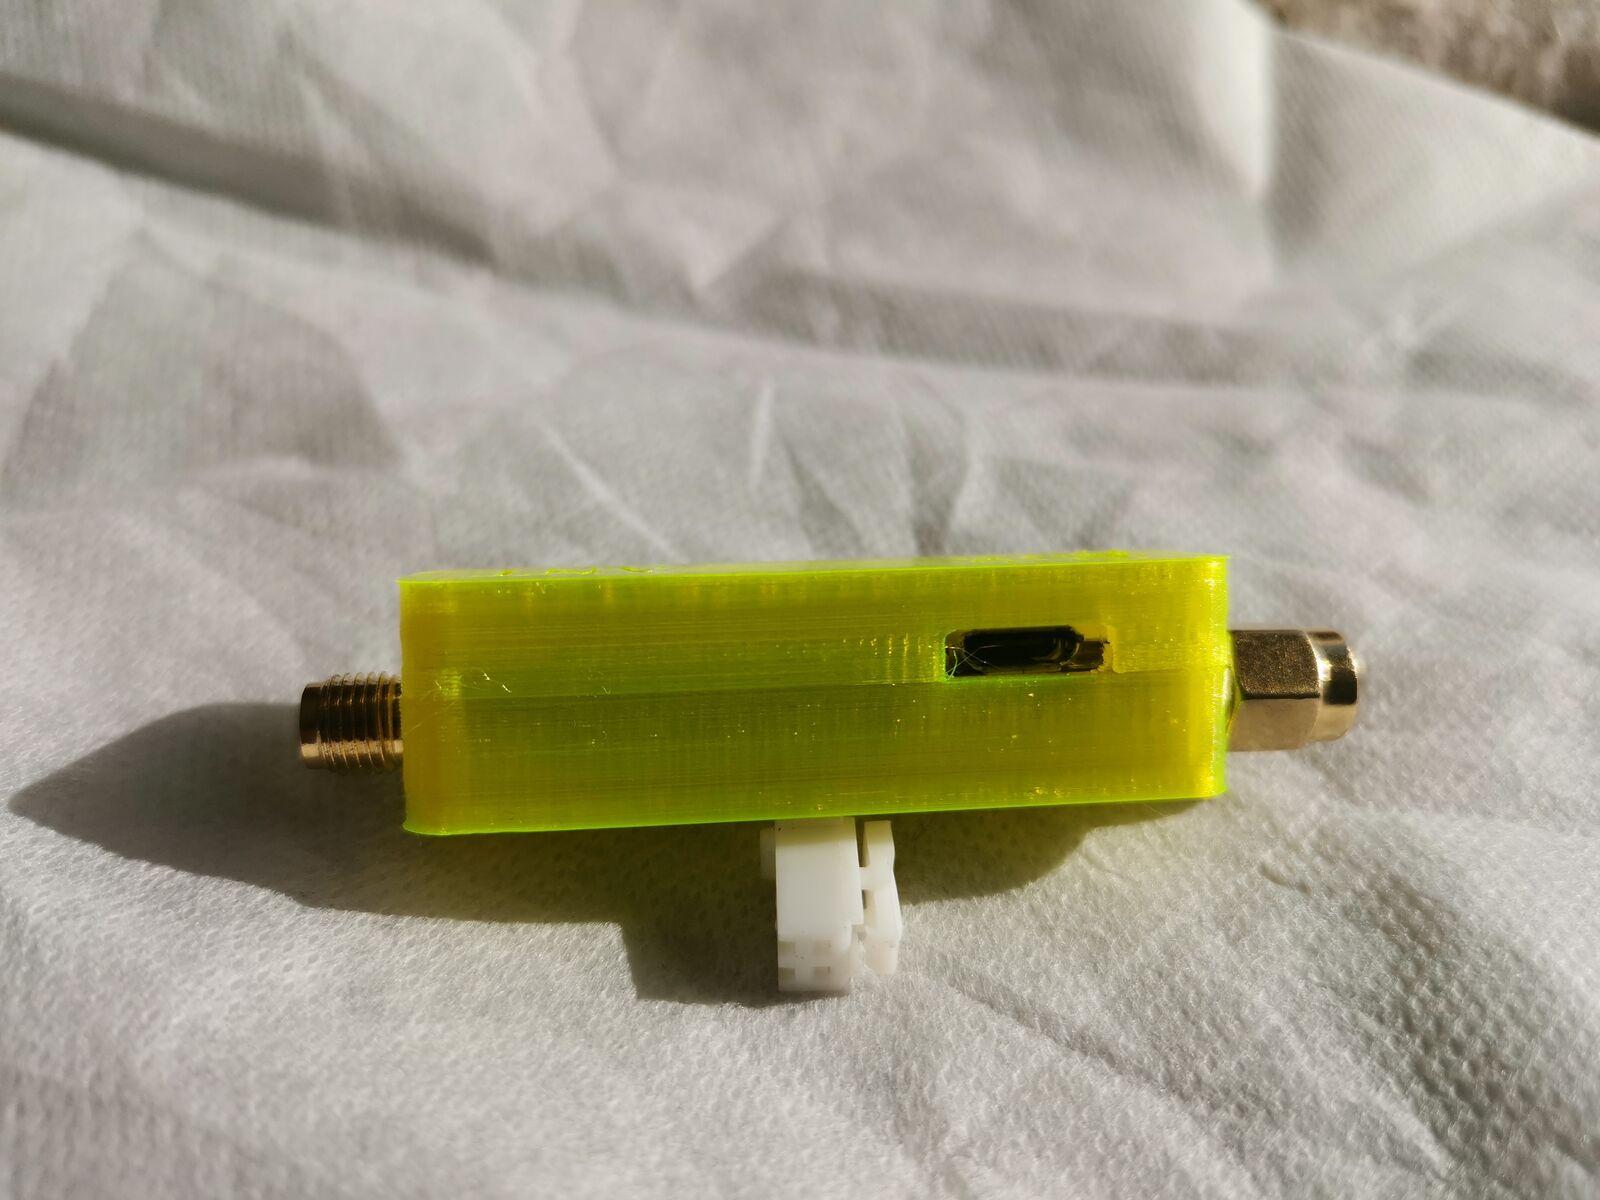 boitier 3d lna 137 mhz